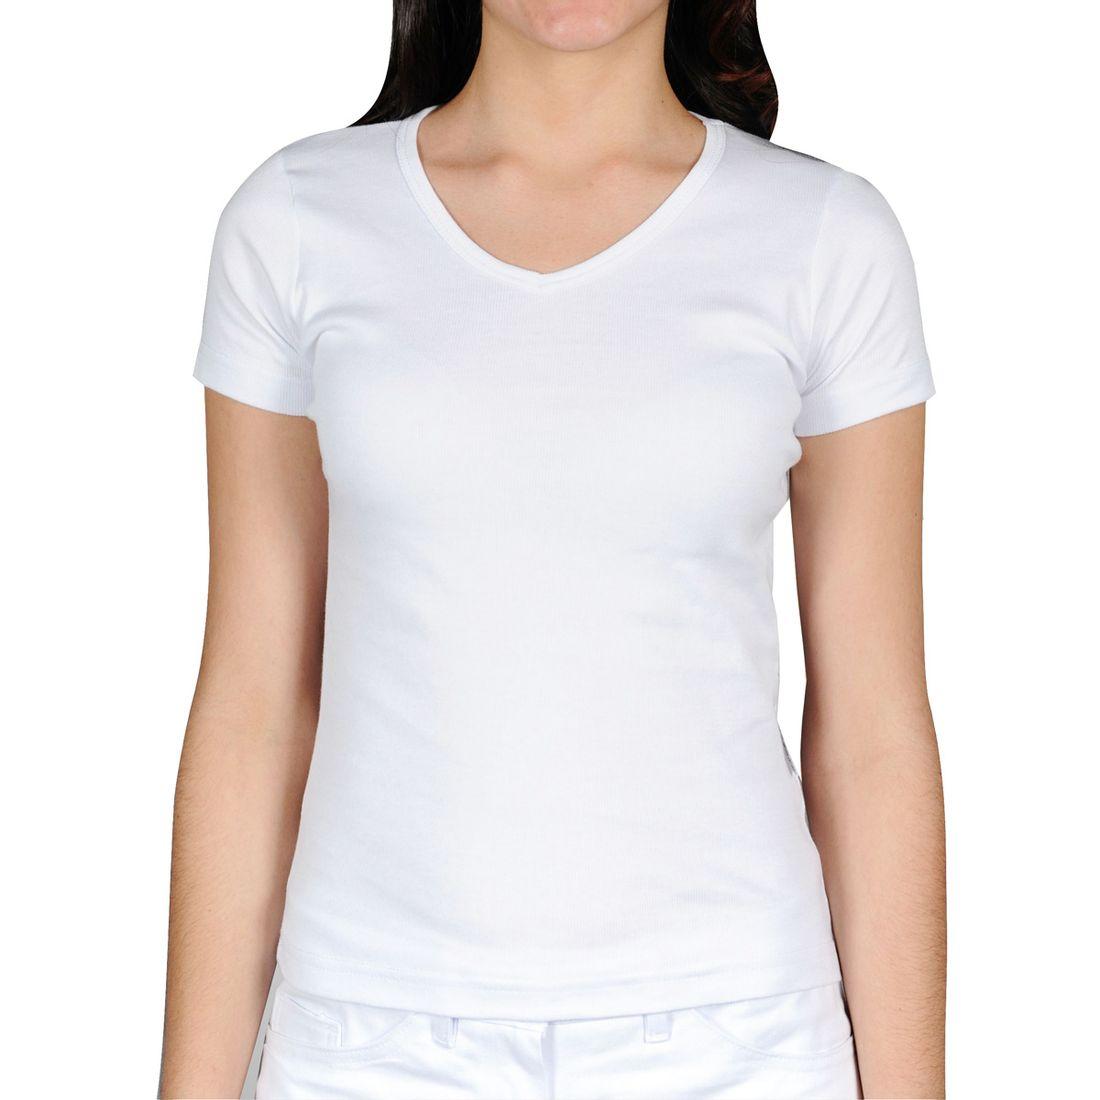 Camiseta Canelada Manga Curta Feminina Gola V Branca - poetique 116795266752f